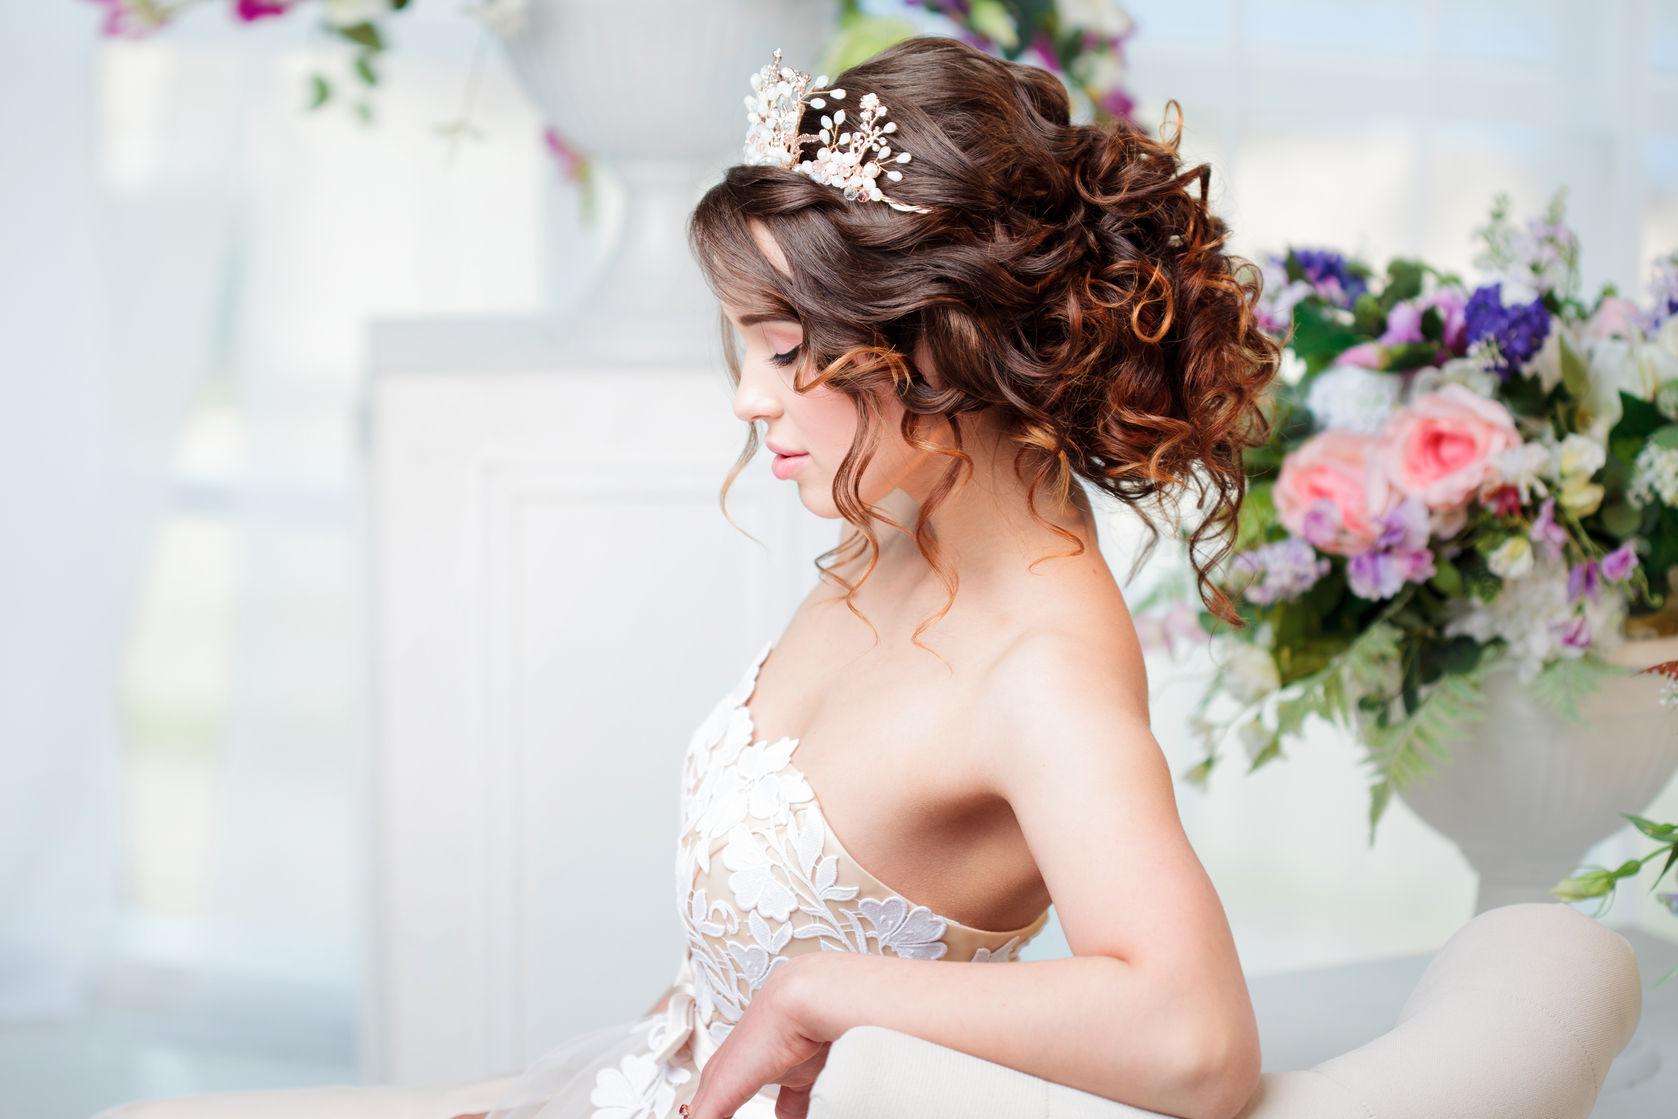 Bridal Hair Services